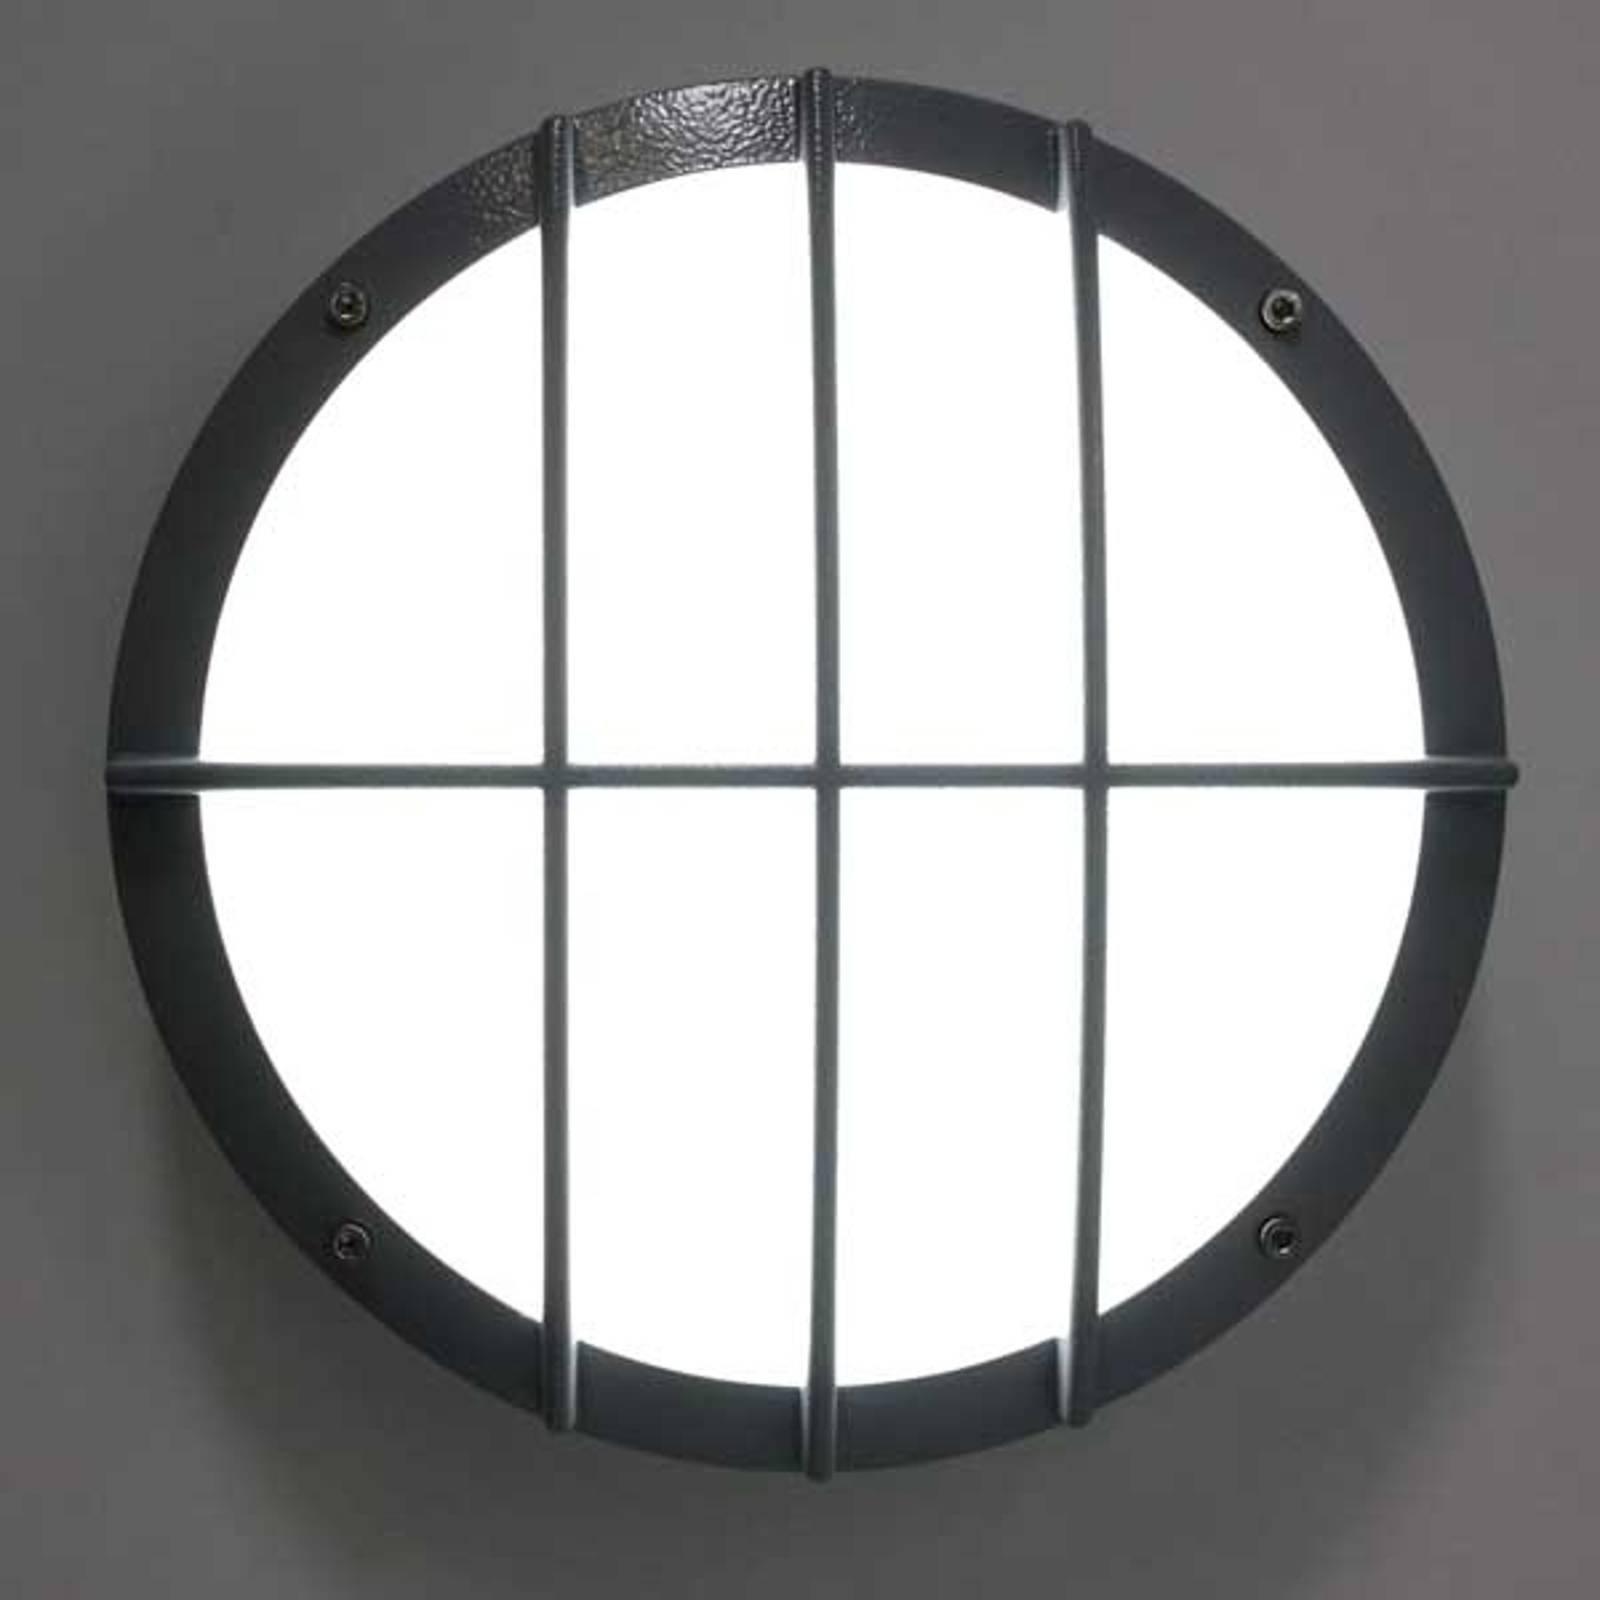 SUN 8 LED-veggl. i trykkstøpt alum. m. sen. 13W 3K